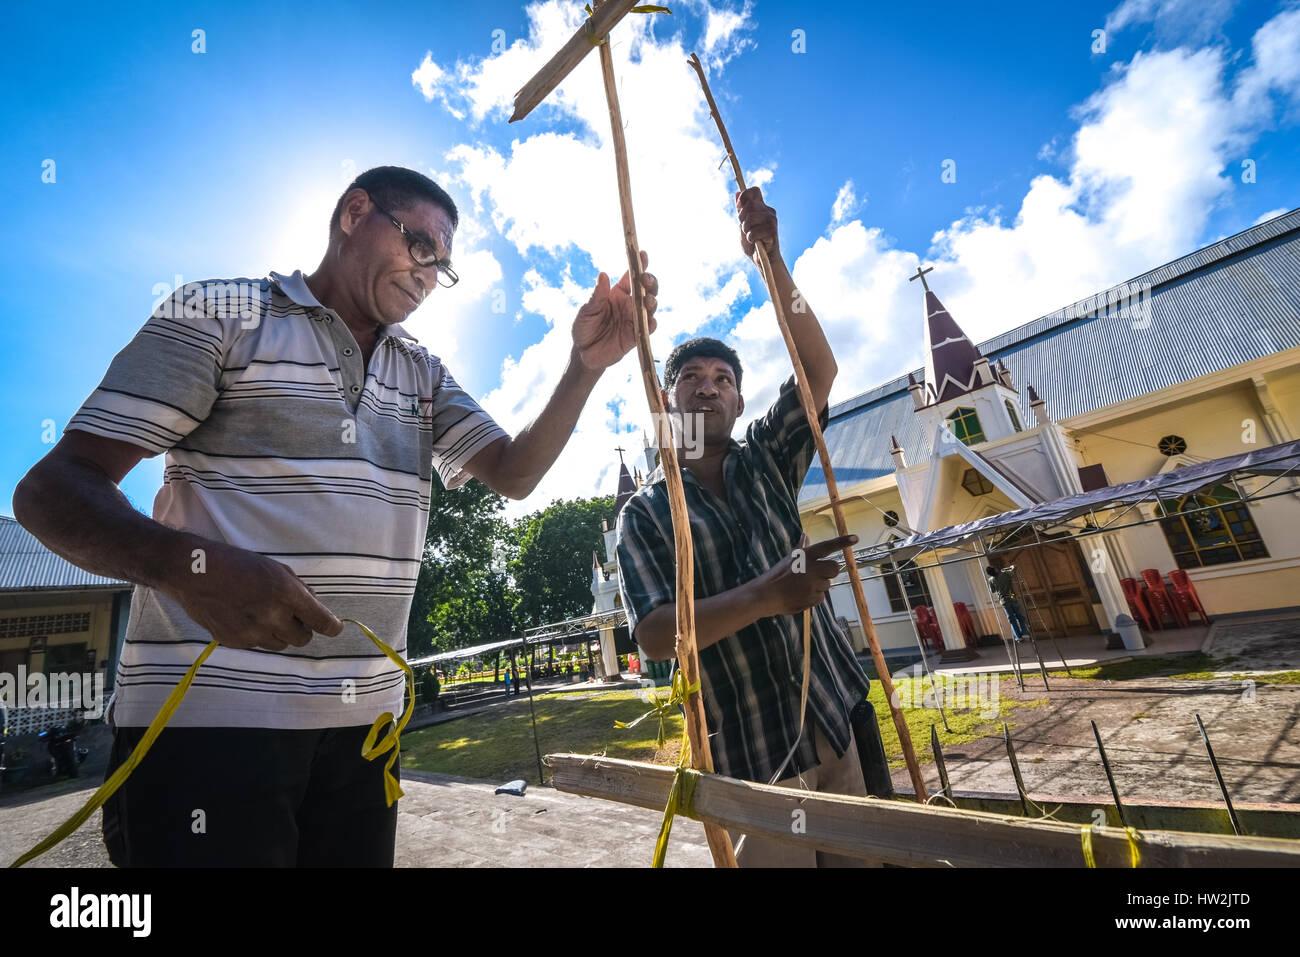 Leute bauen Bambuszäune Kerzen am Straßenrand als Vorbereitung für die Karwoche-Zeremonie in Larantuka, Stockbild